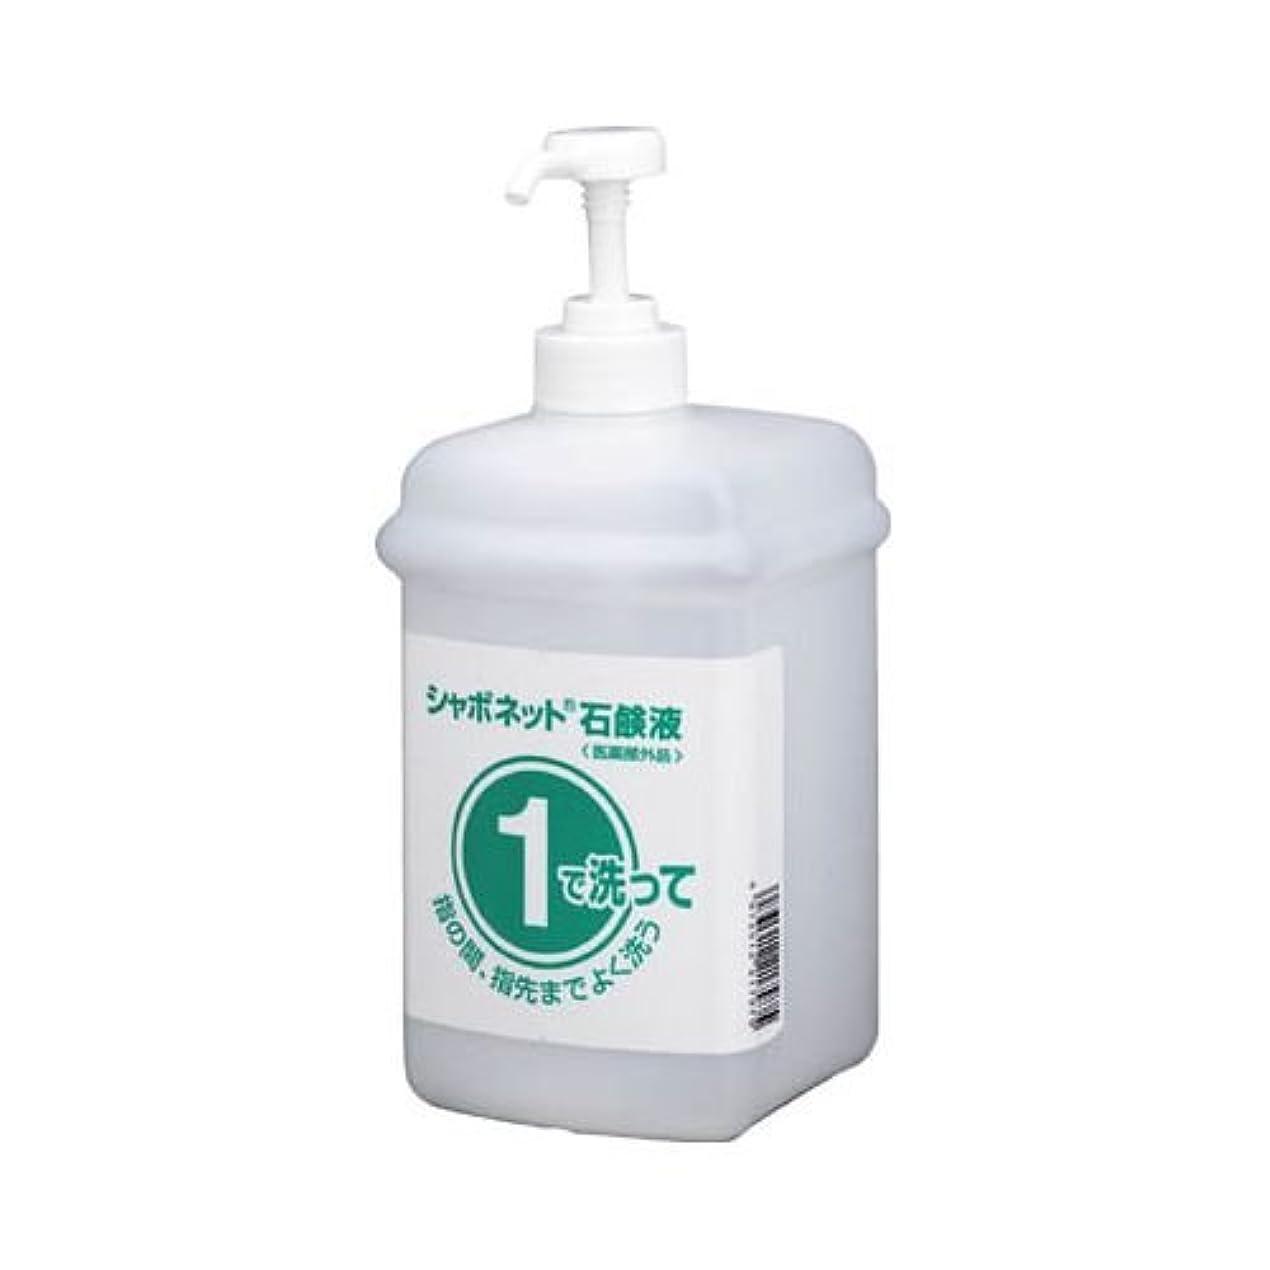 独裁引き潮サラヤ 石鹸容器 1?2セットボトル 石鹸液用1L 21793